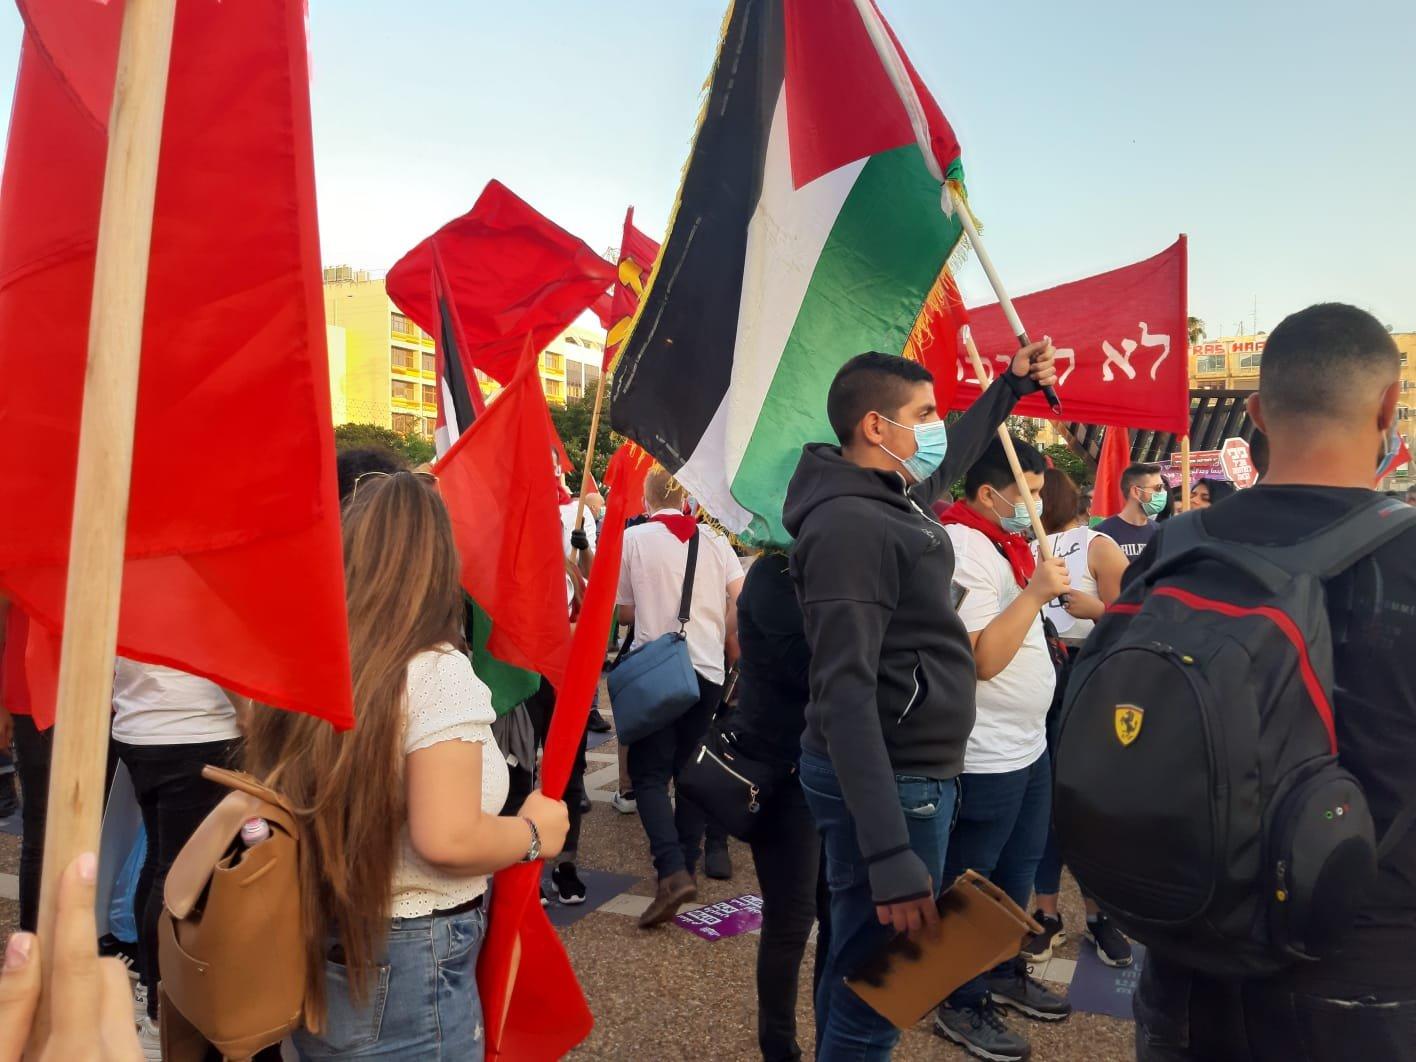 مشاركو تظاهرة تل ابيب: نرفض الضم، والحل سلام عادل